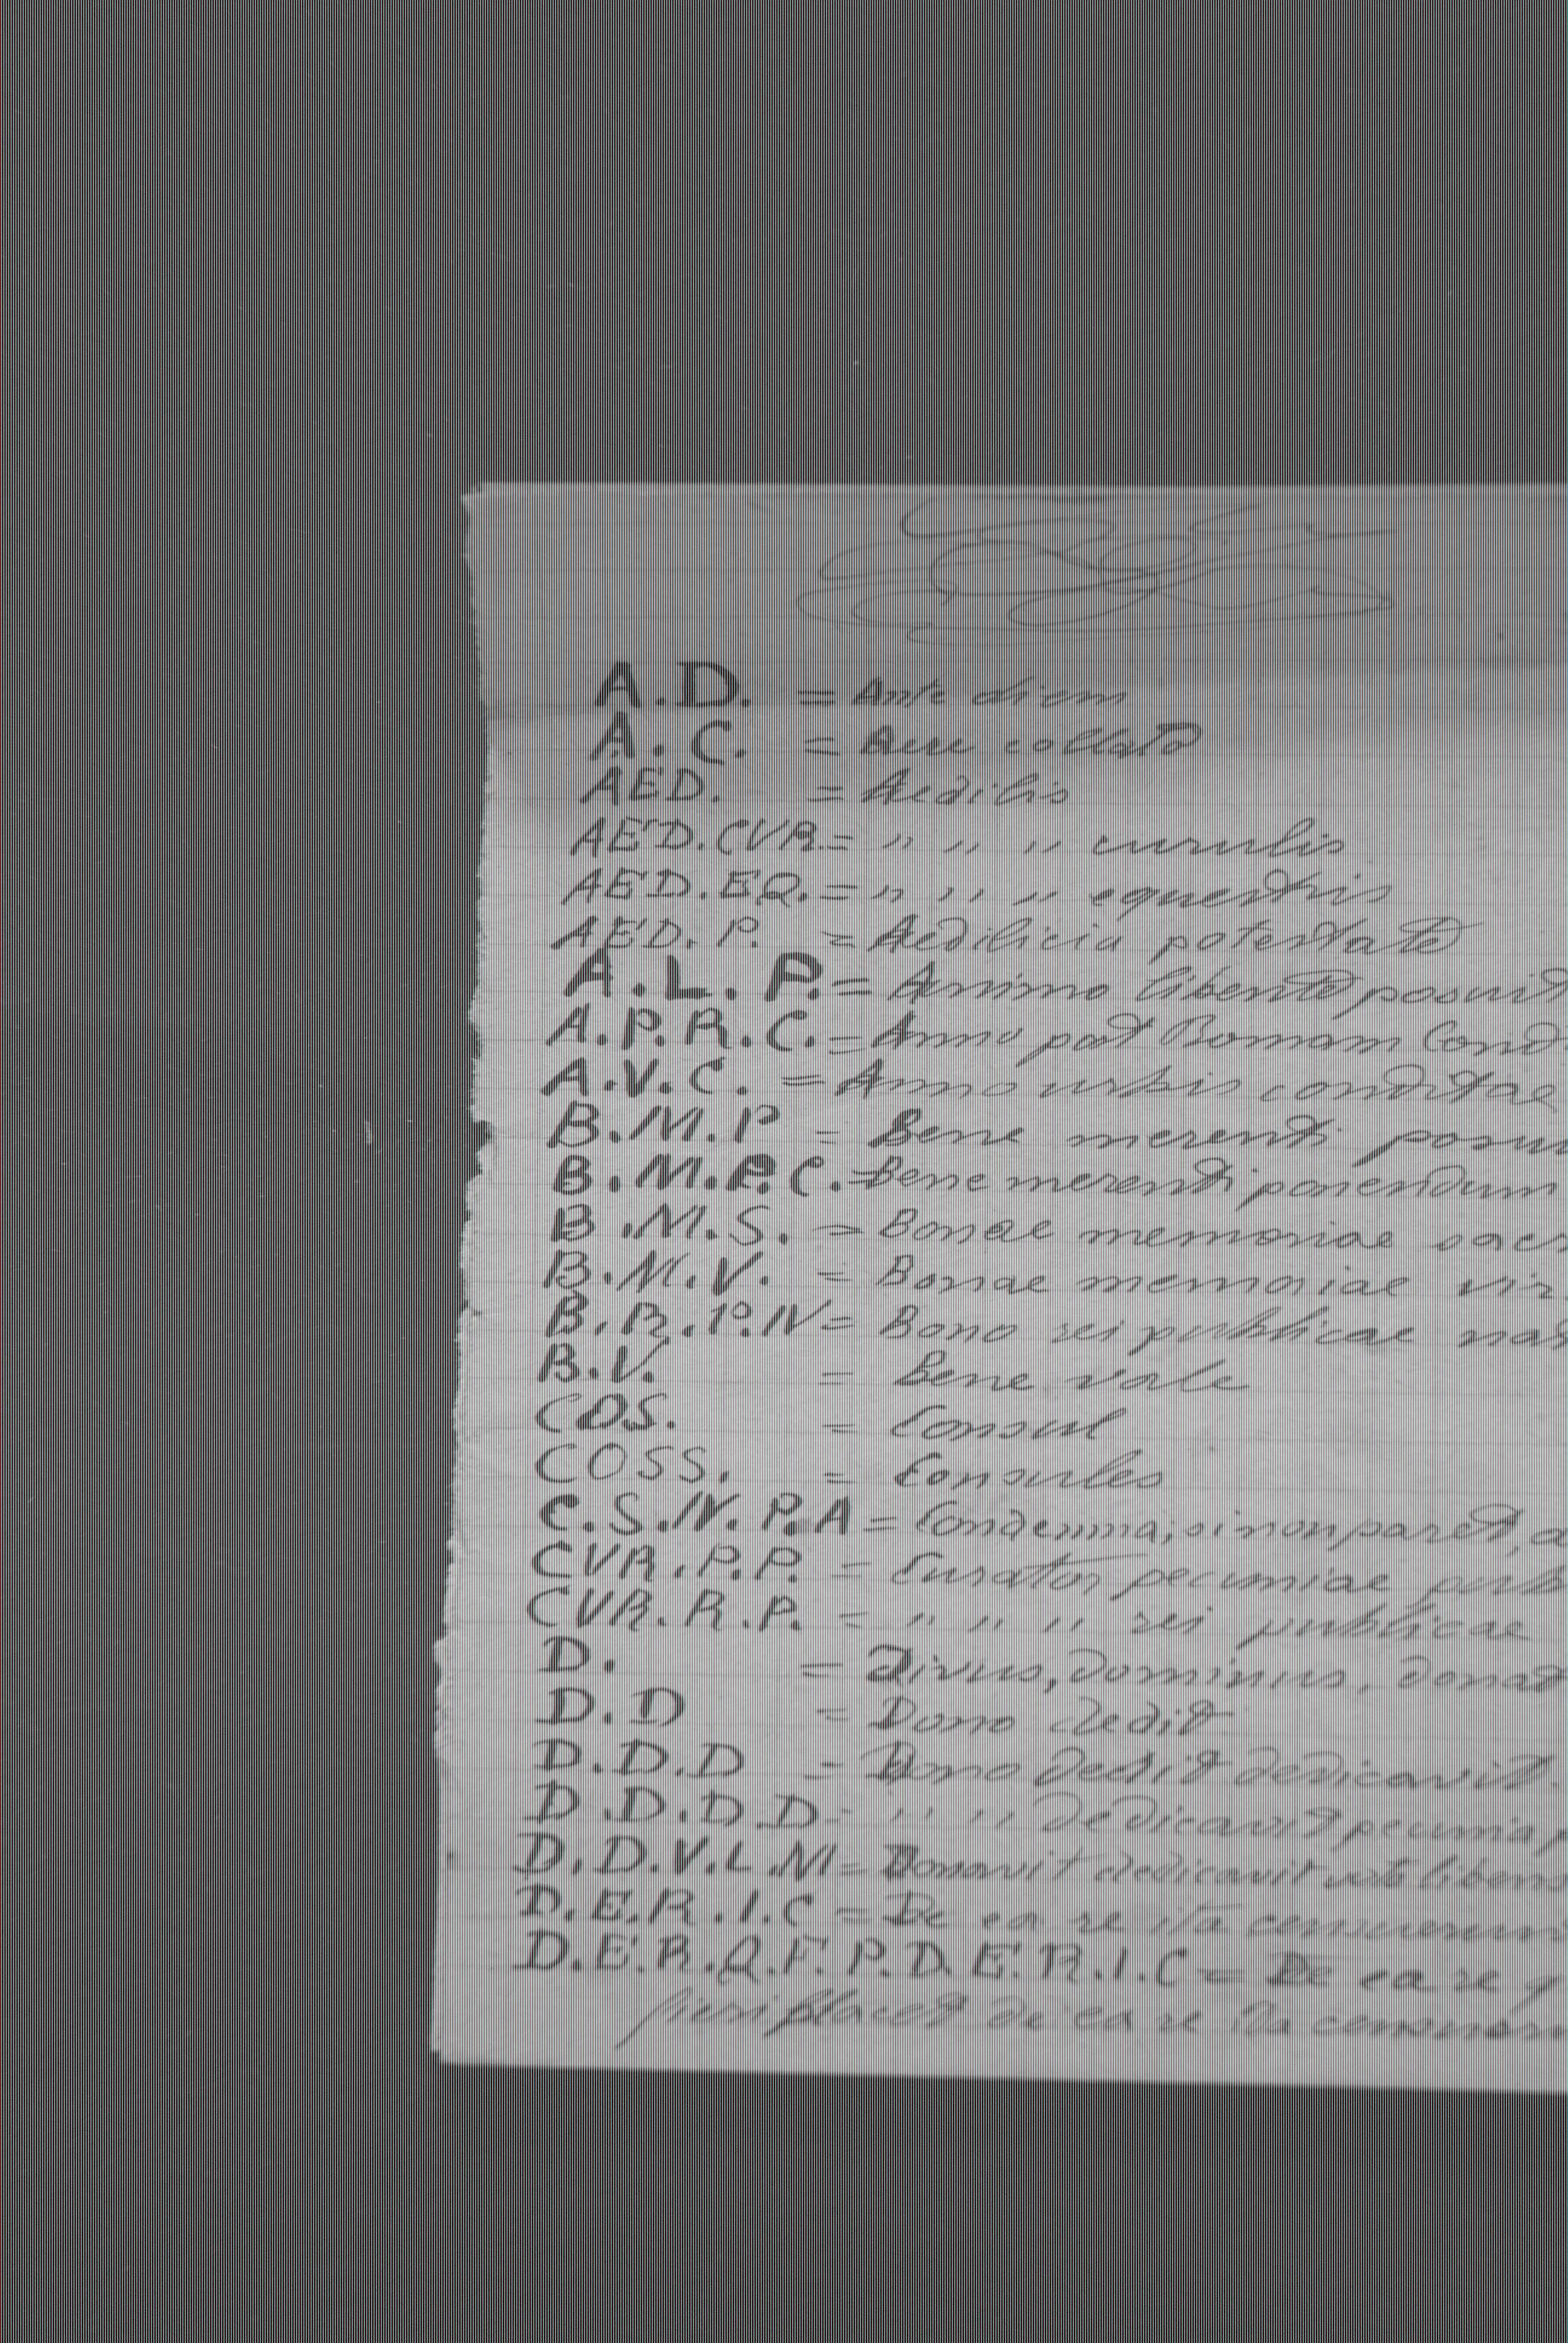 Calendario Romano.Appunti Sulle Abbreviazioni Latine E Il Calendario Romano S D